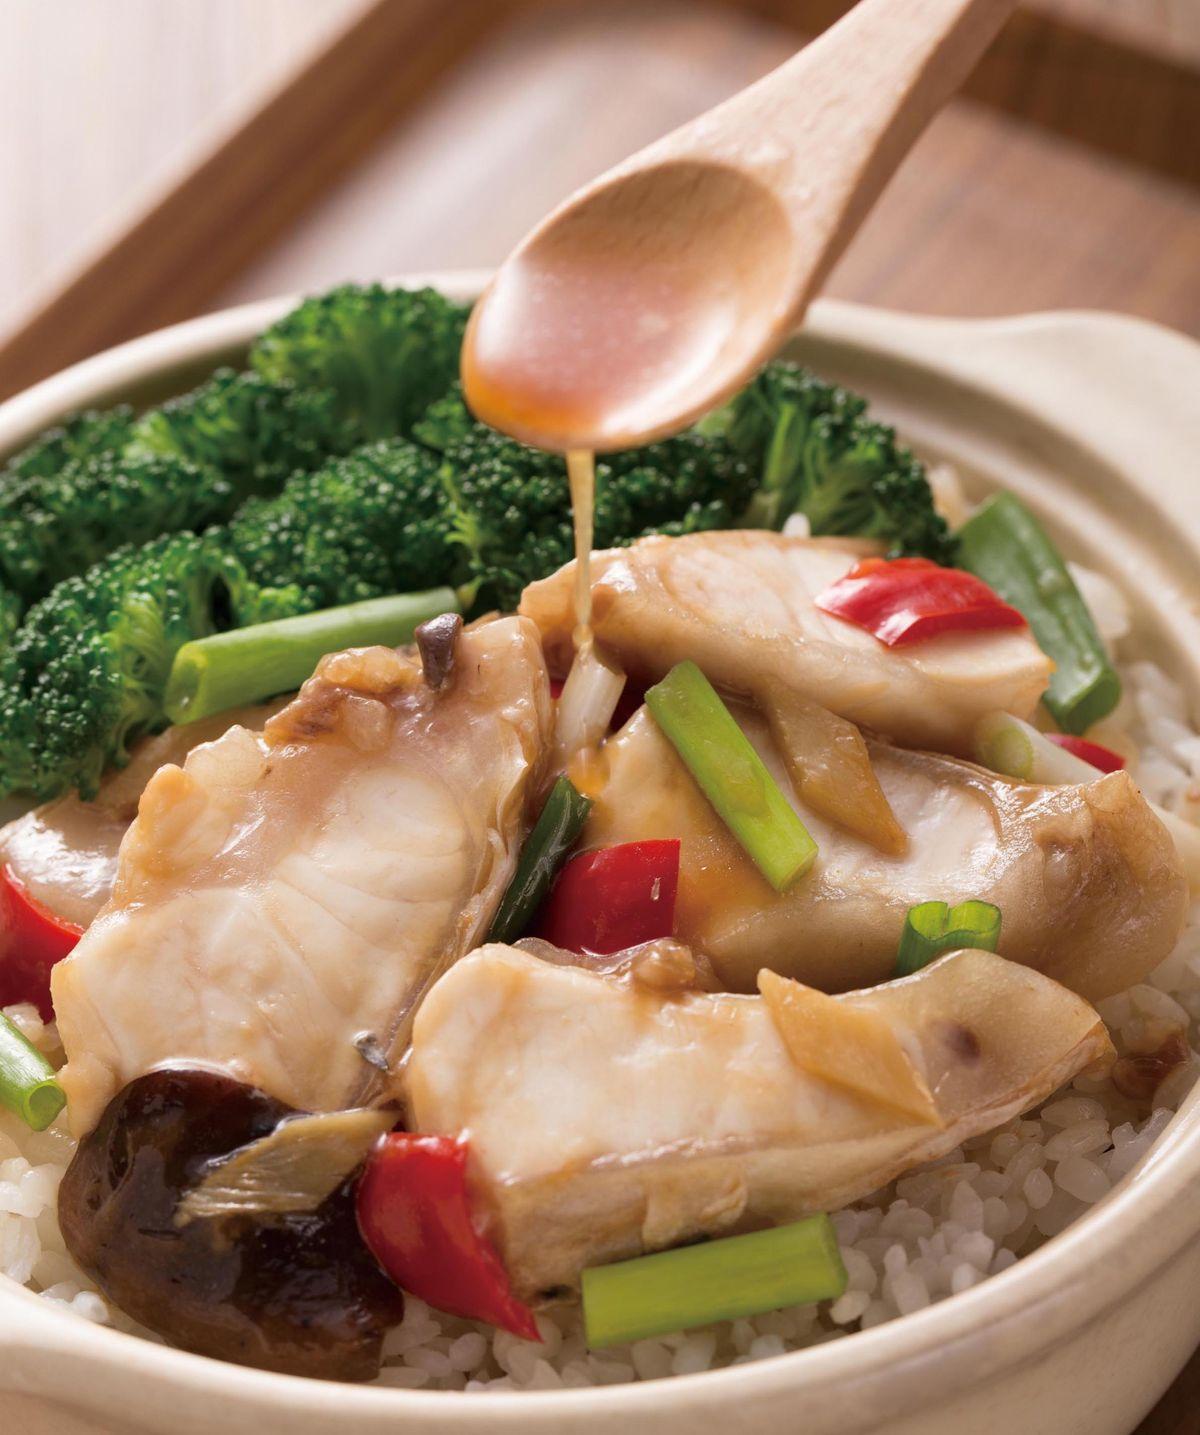 食譜:薑蔥魚腩煲飯